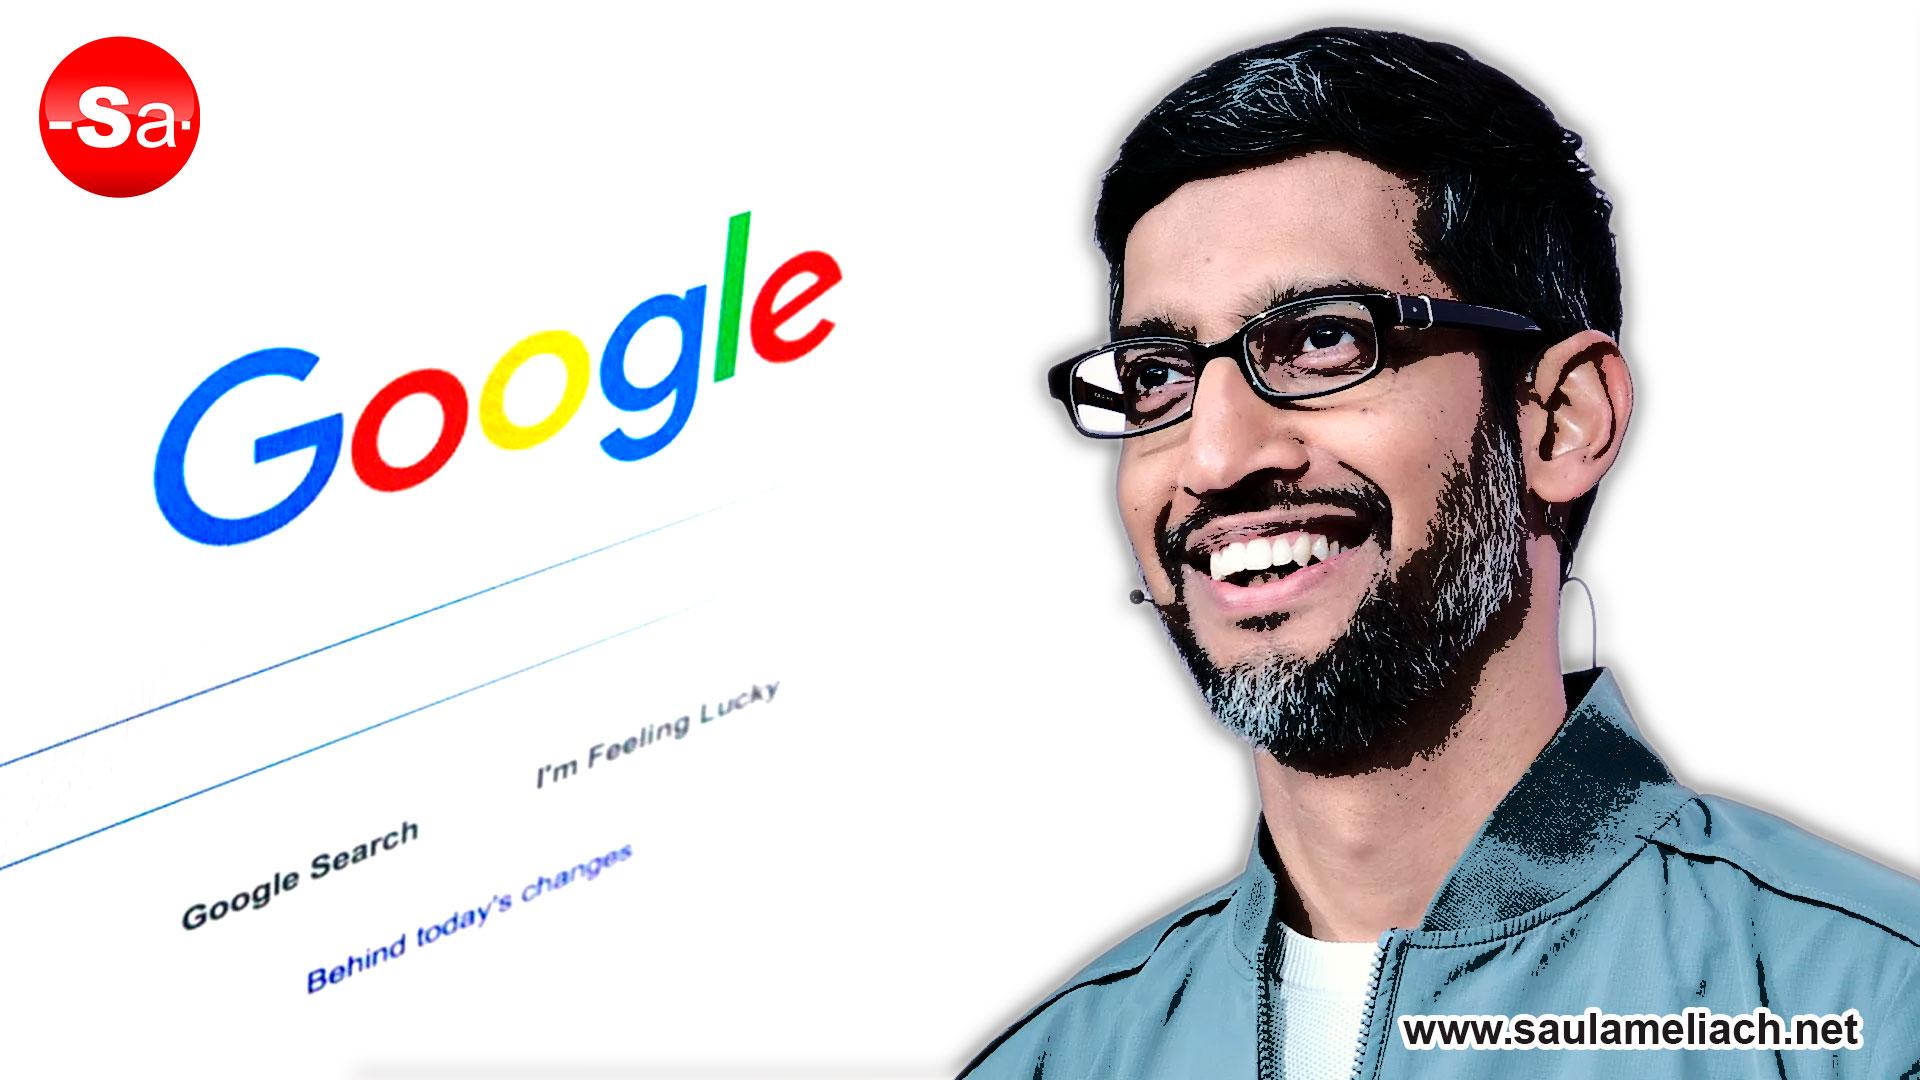 Nuevo-jefe-ejecutivo-de-Alphabet,-Sundar-Pichai - Saulameliach.net